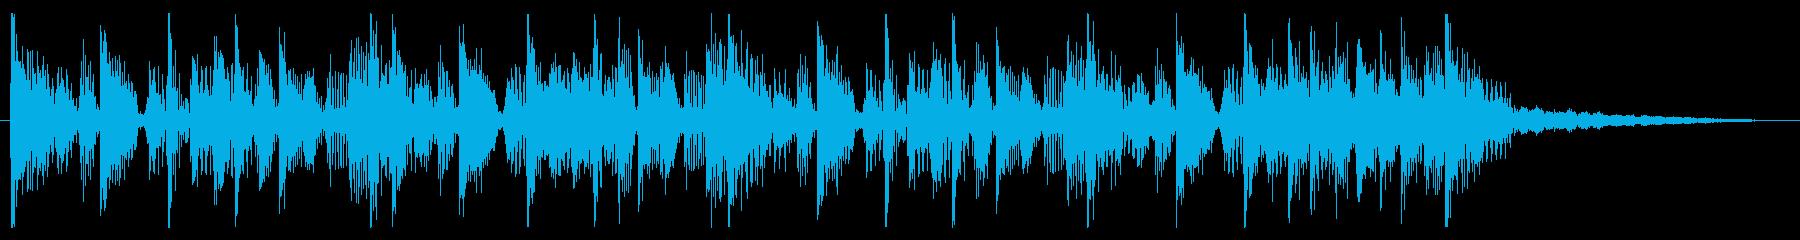 ファンキーなジングル・CM・場面転換の再生済みの波形